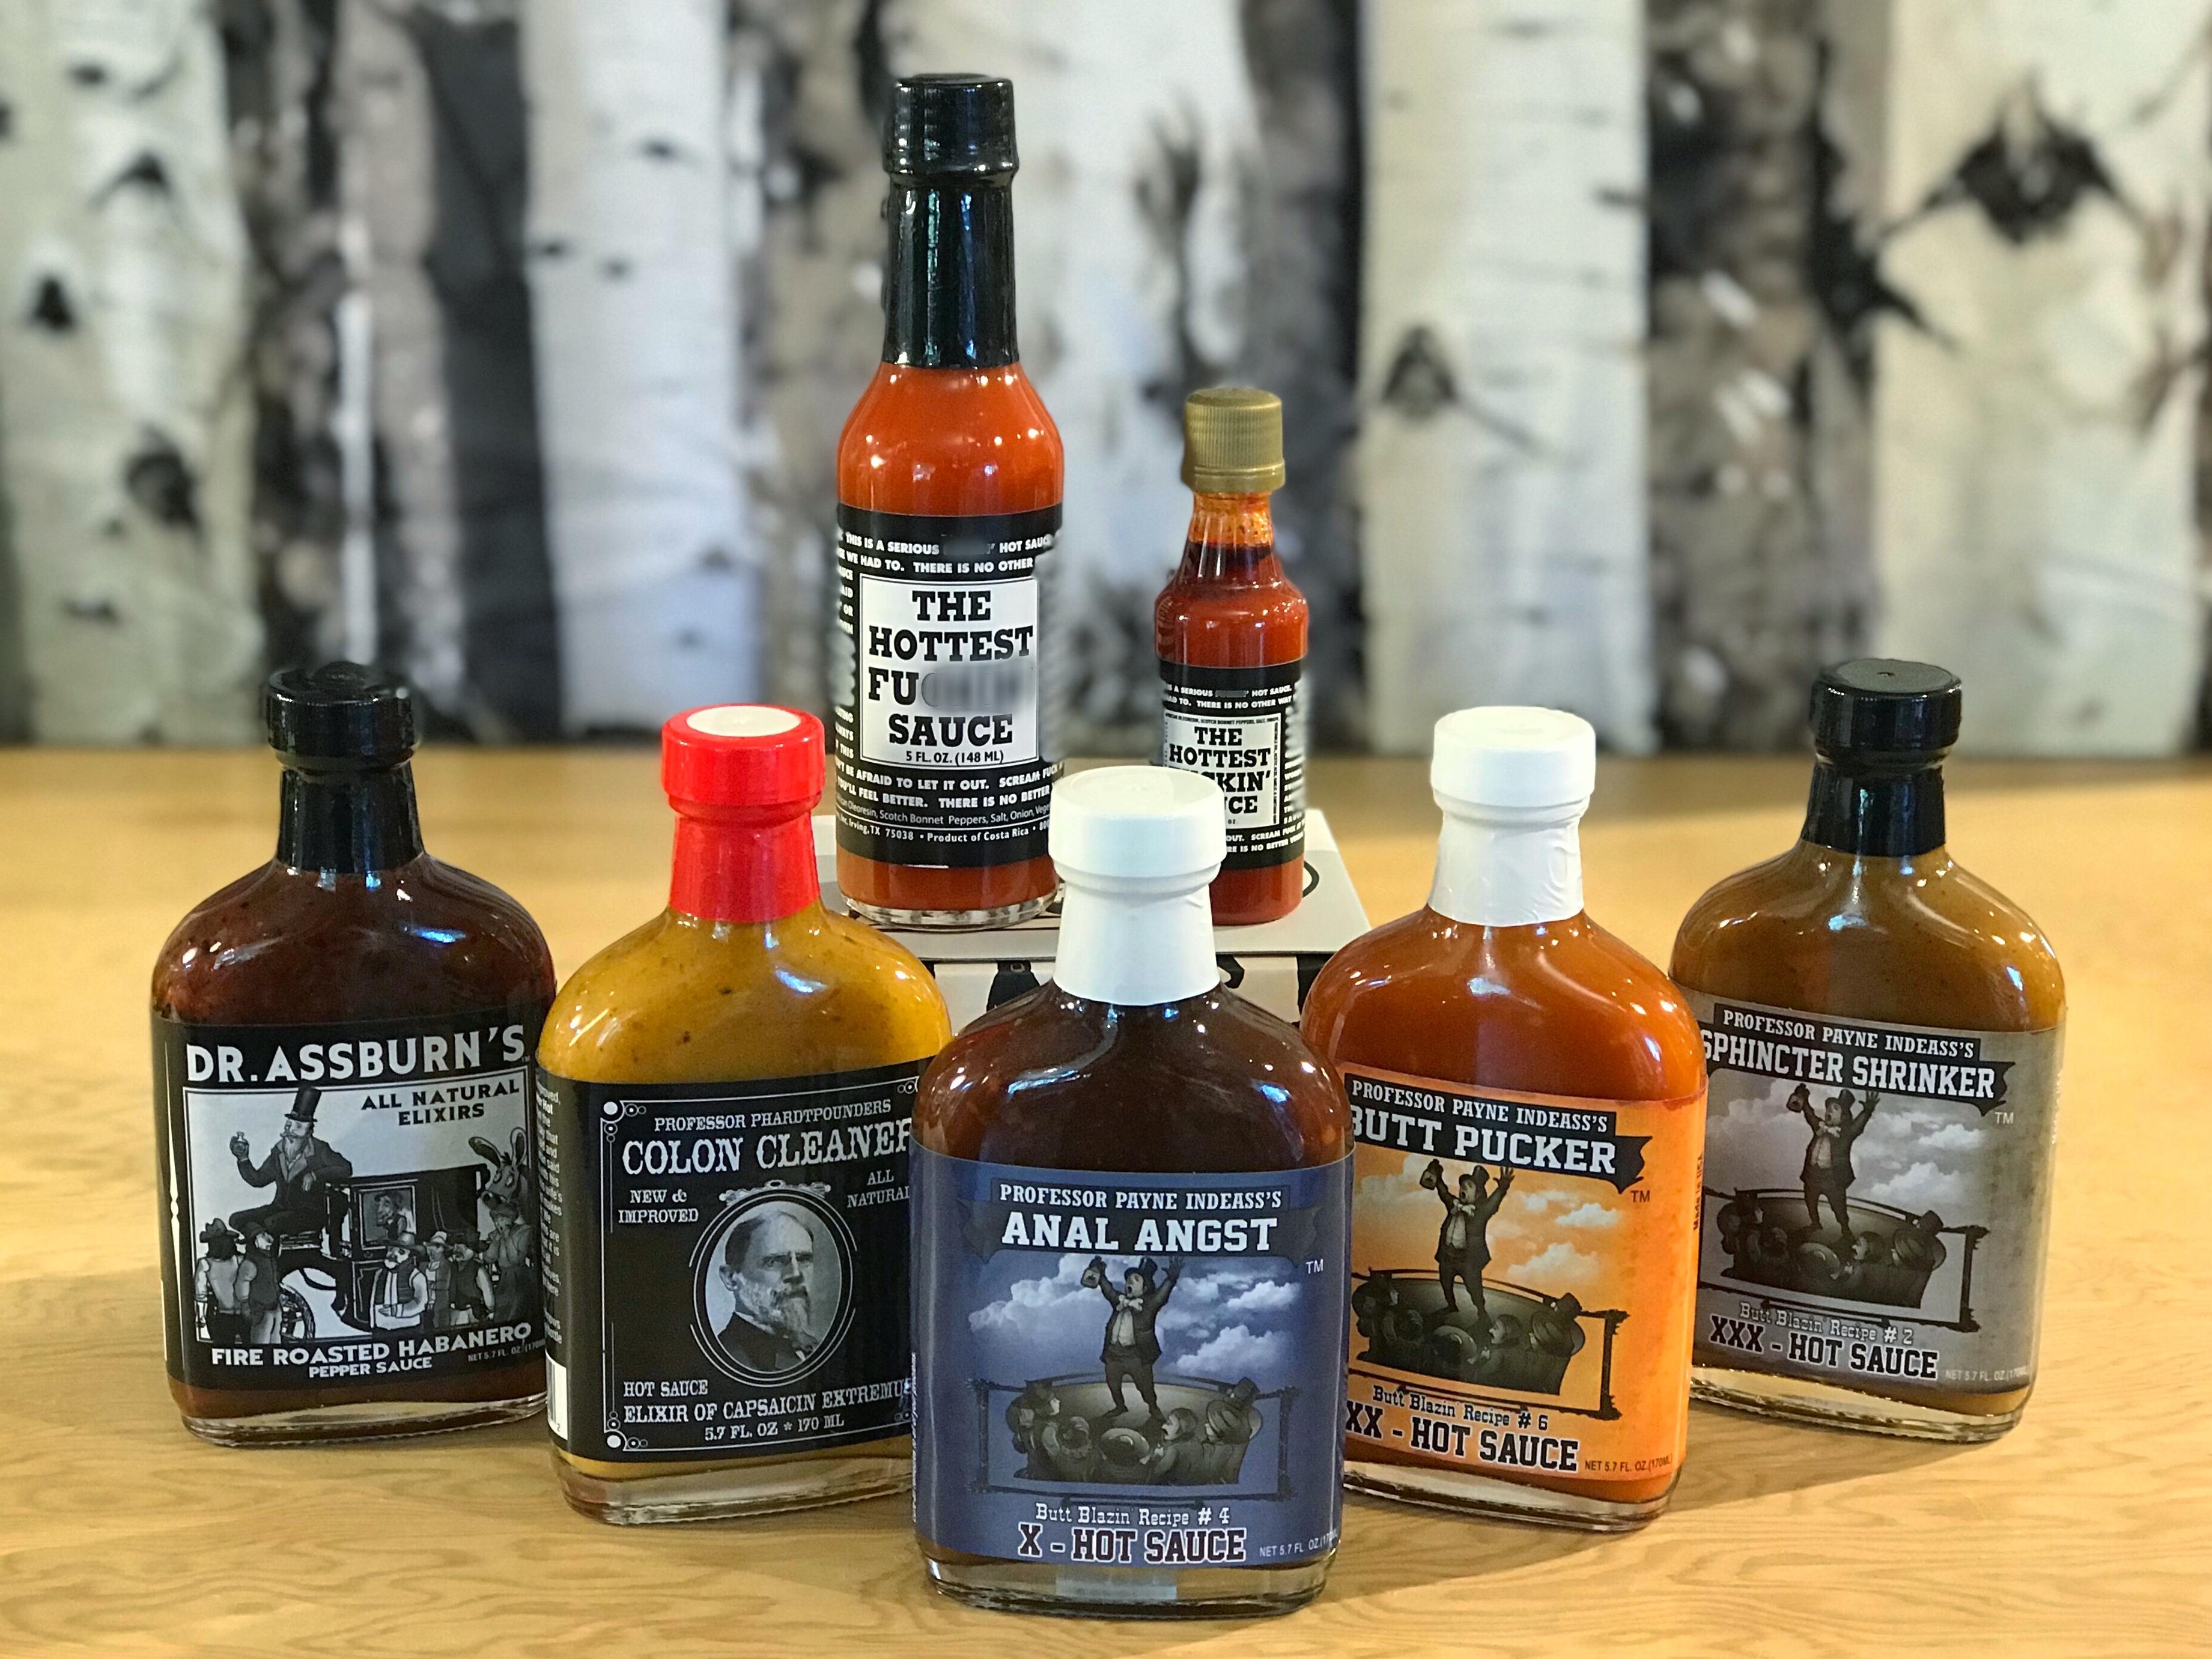 Hot sauces